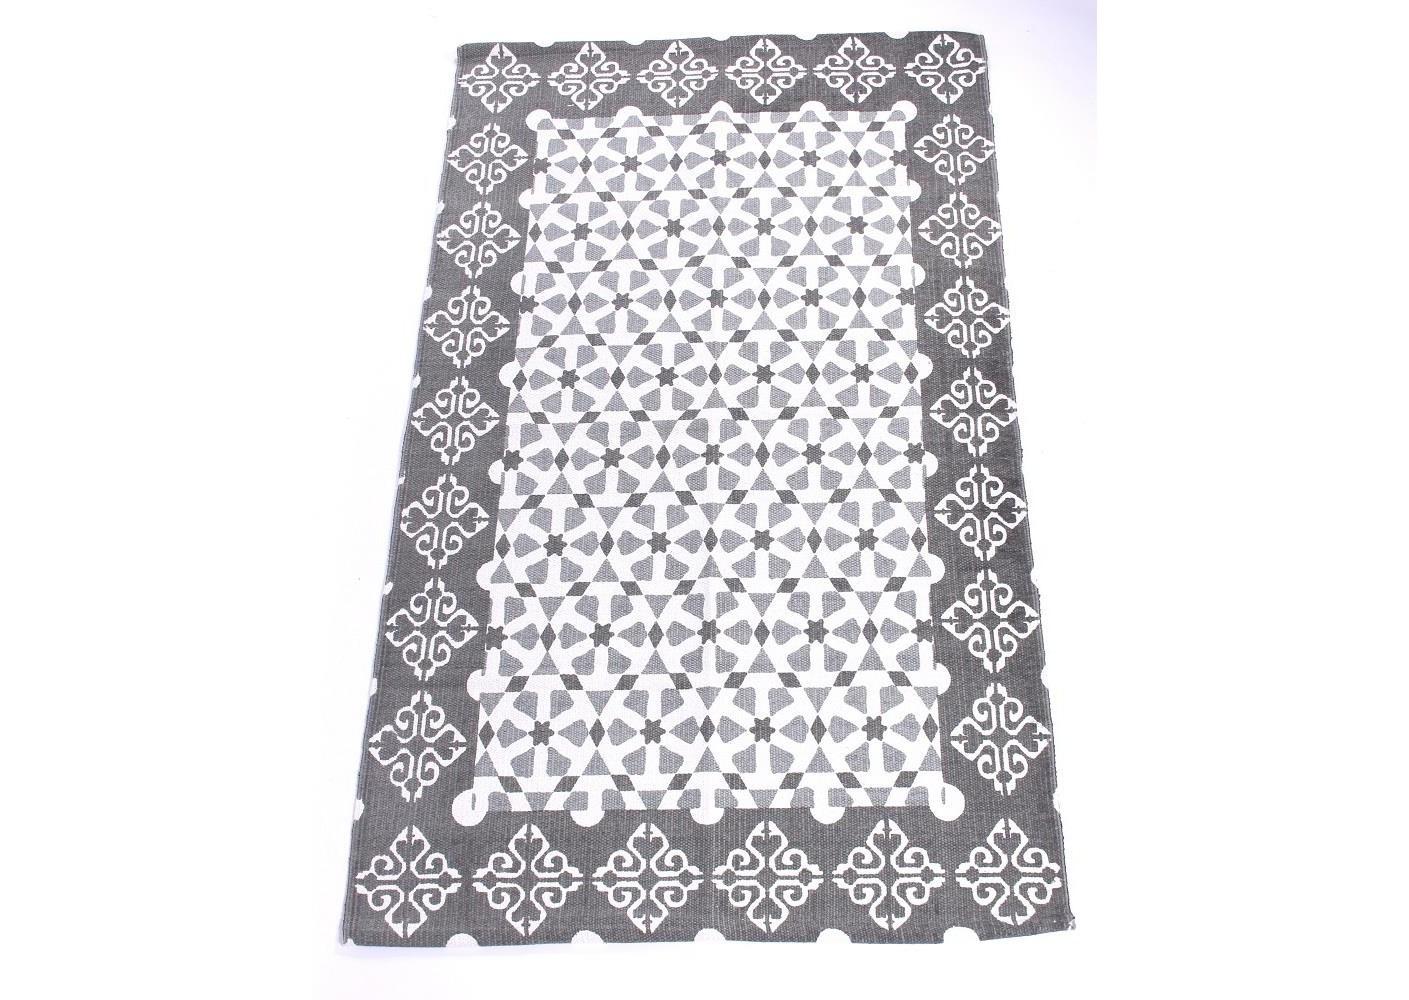 Хлопковый ковёр с серым узоромПрямоугольные ковры<br><br><br>Material: Хлопок<br>Width см: 90<br>Depth см: 2<br>Height см: 150